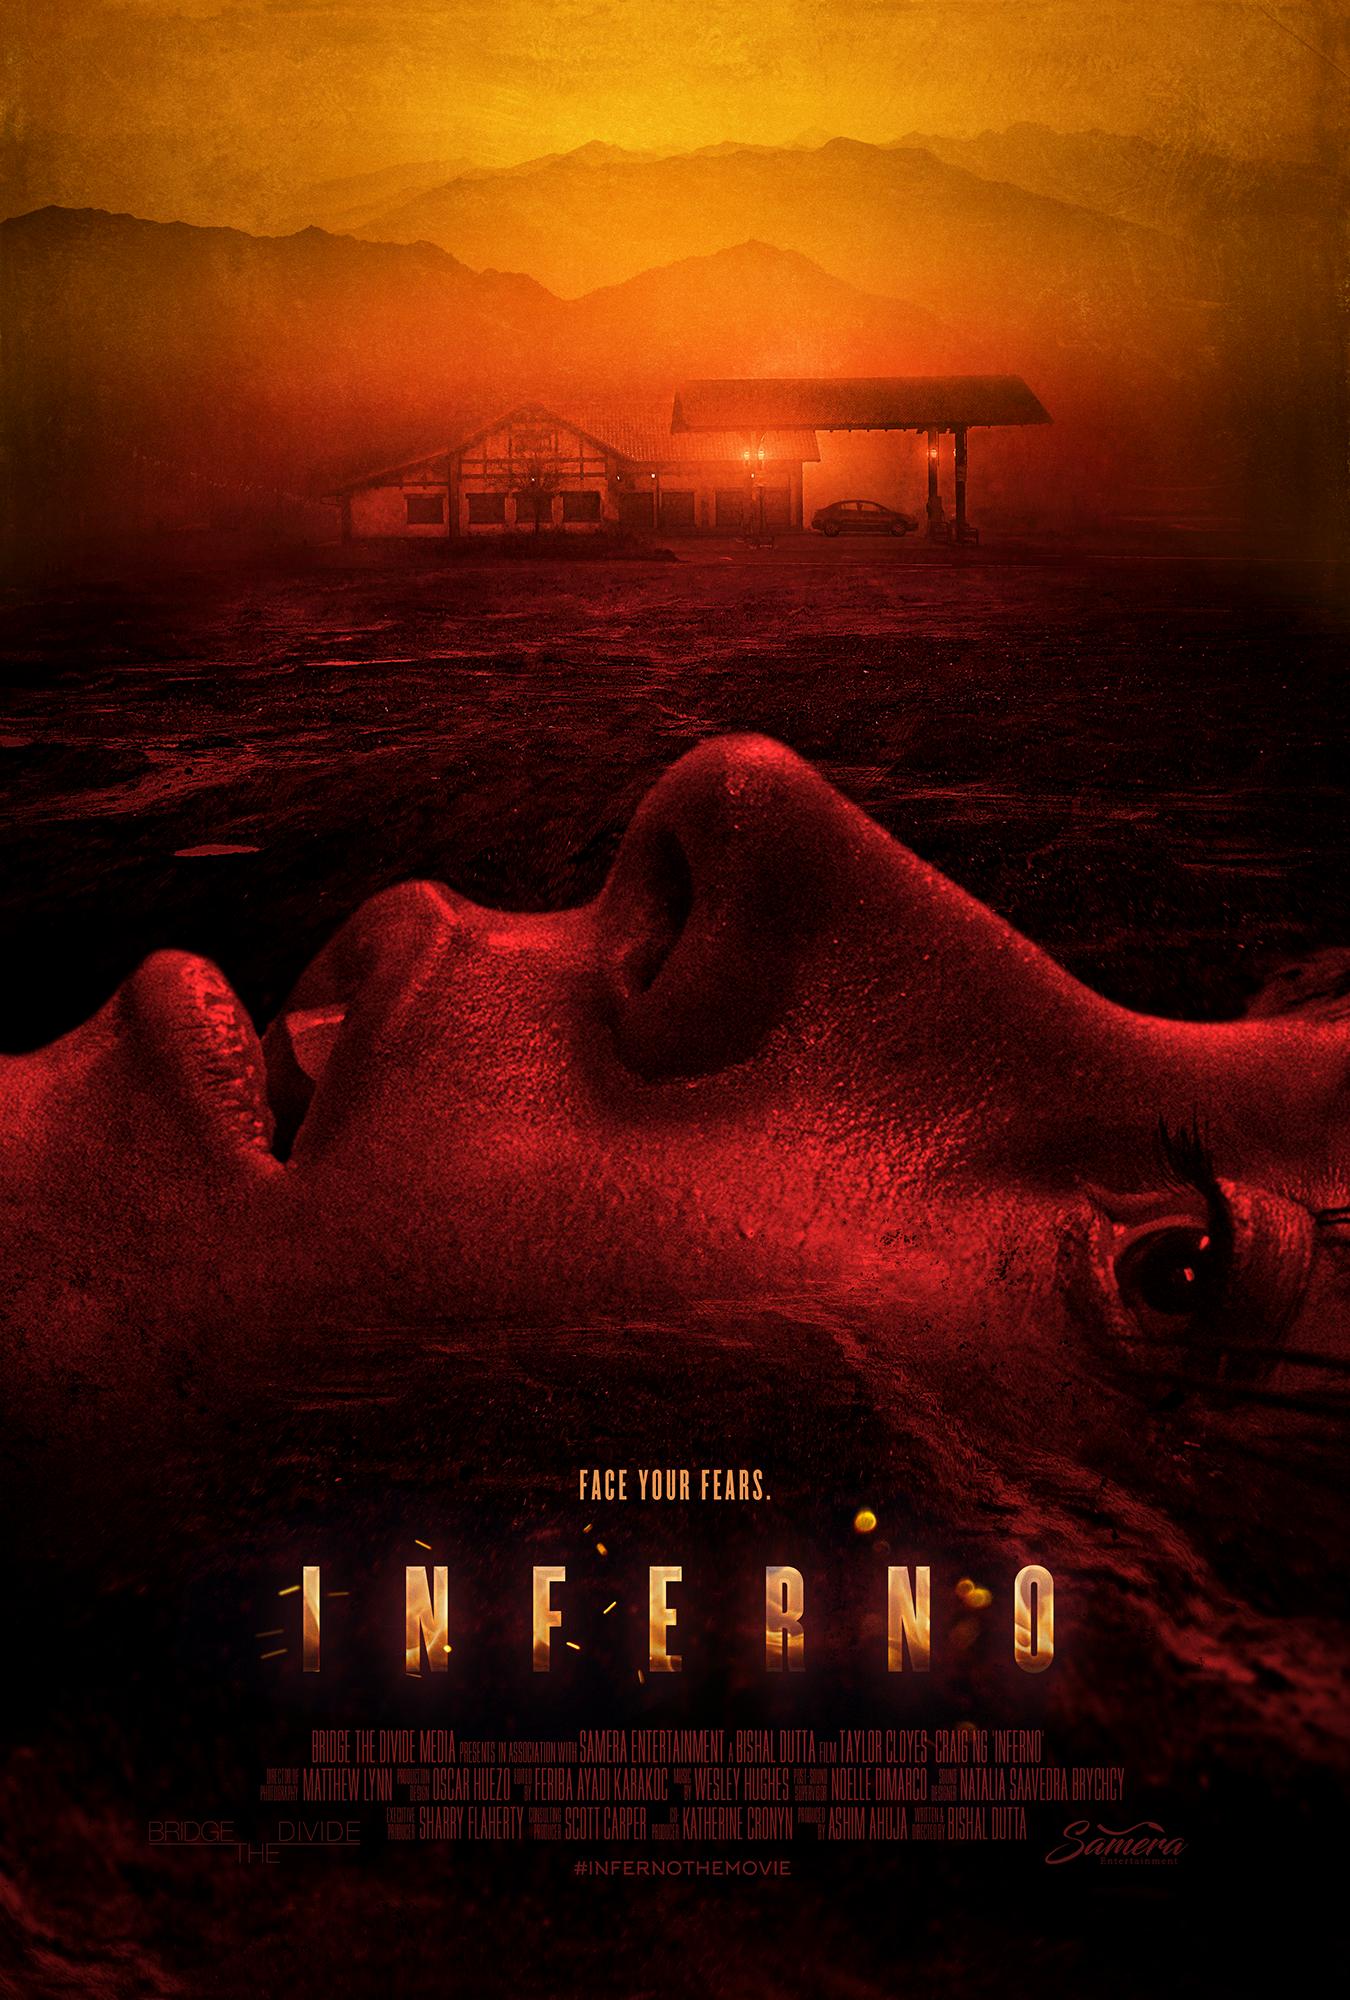 Inferno_HiResRender.png